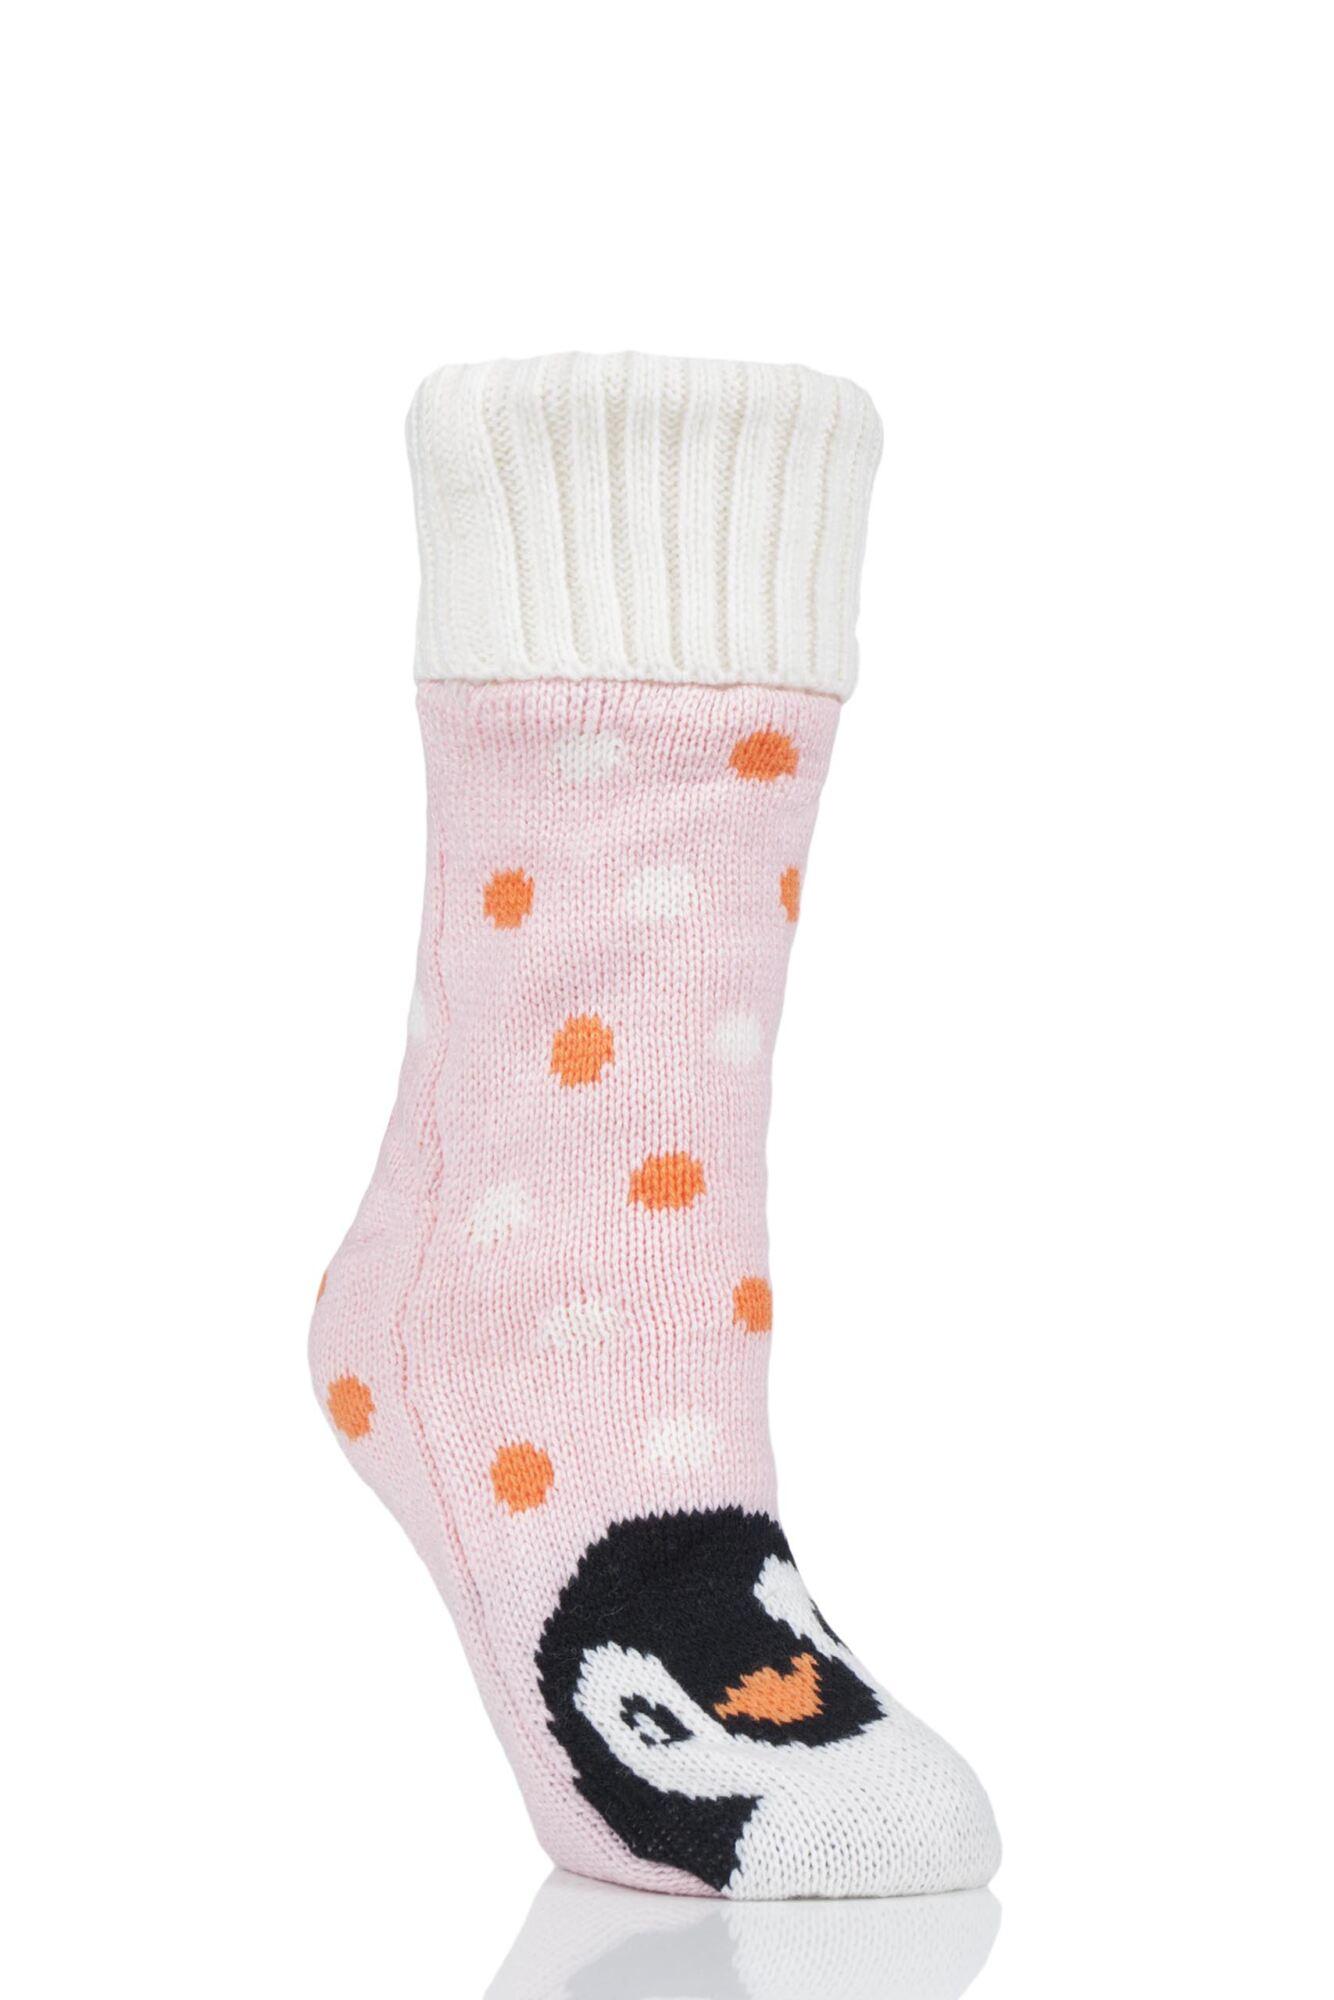 1 Pair Penguin Fleece Lined Slipper Socks Ladies - Wild Feet